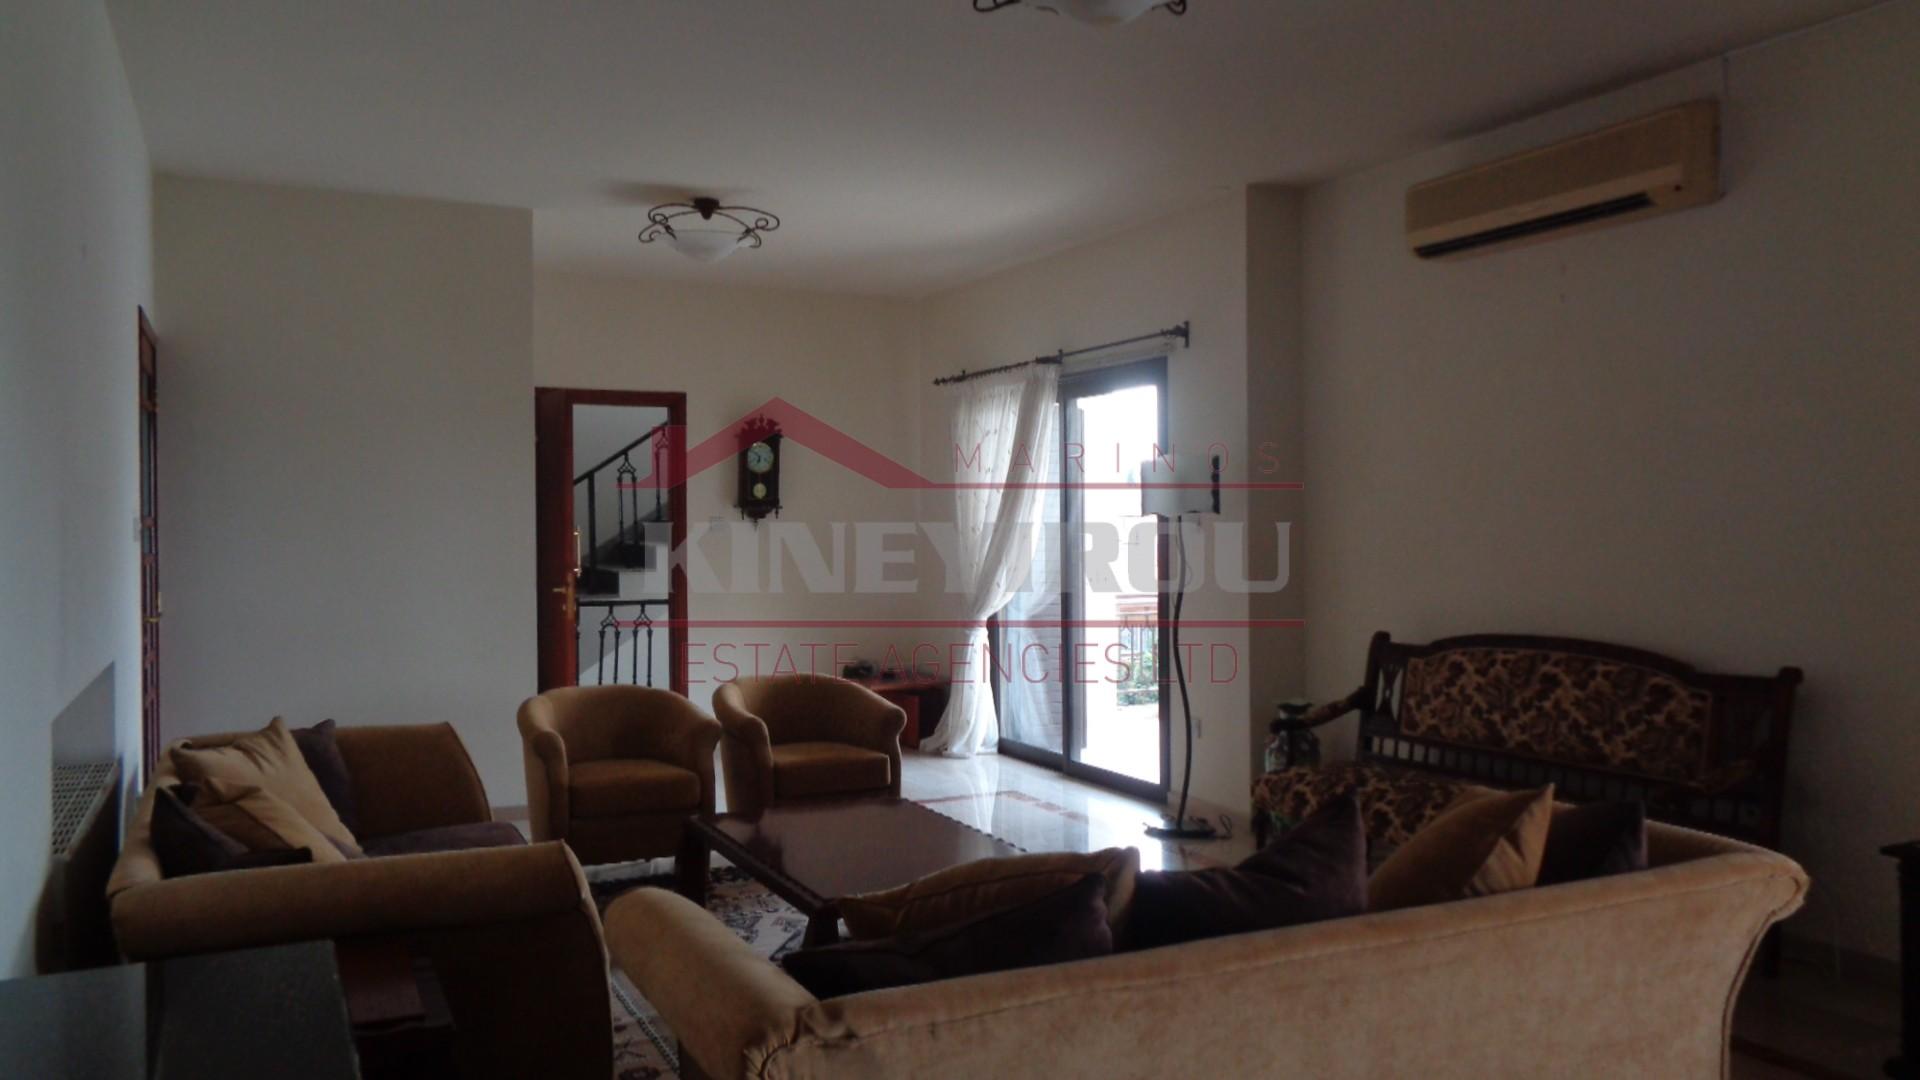 4 Bedrooms Upper House in Faneromeni Area, Larnaca